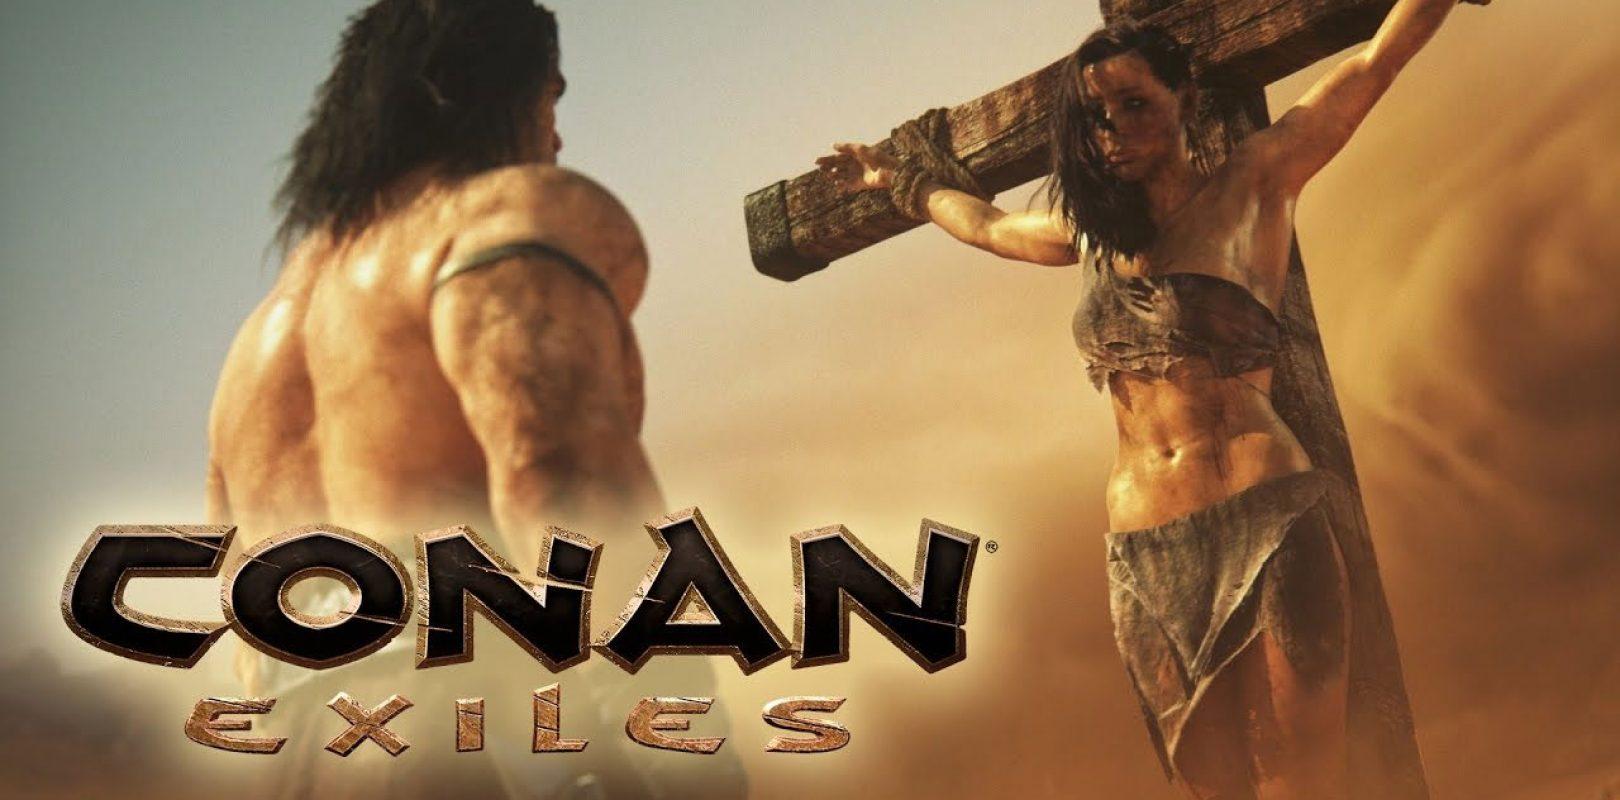 Conan Exiles cambiará las armas arrojadizas y añade las